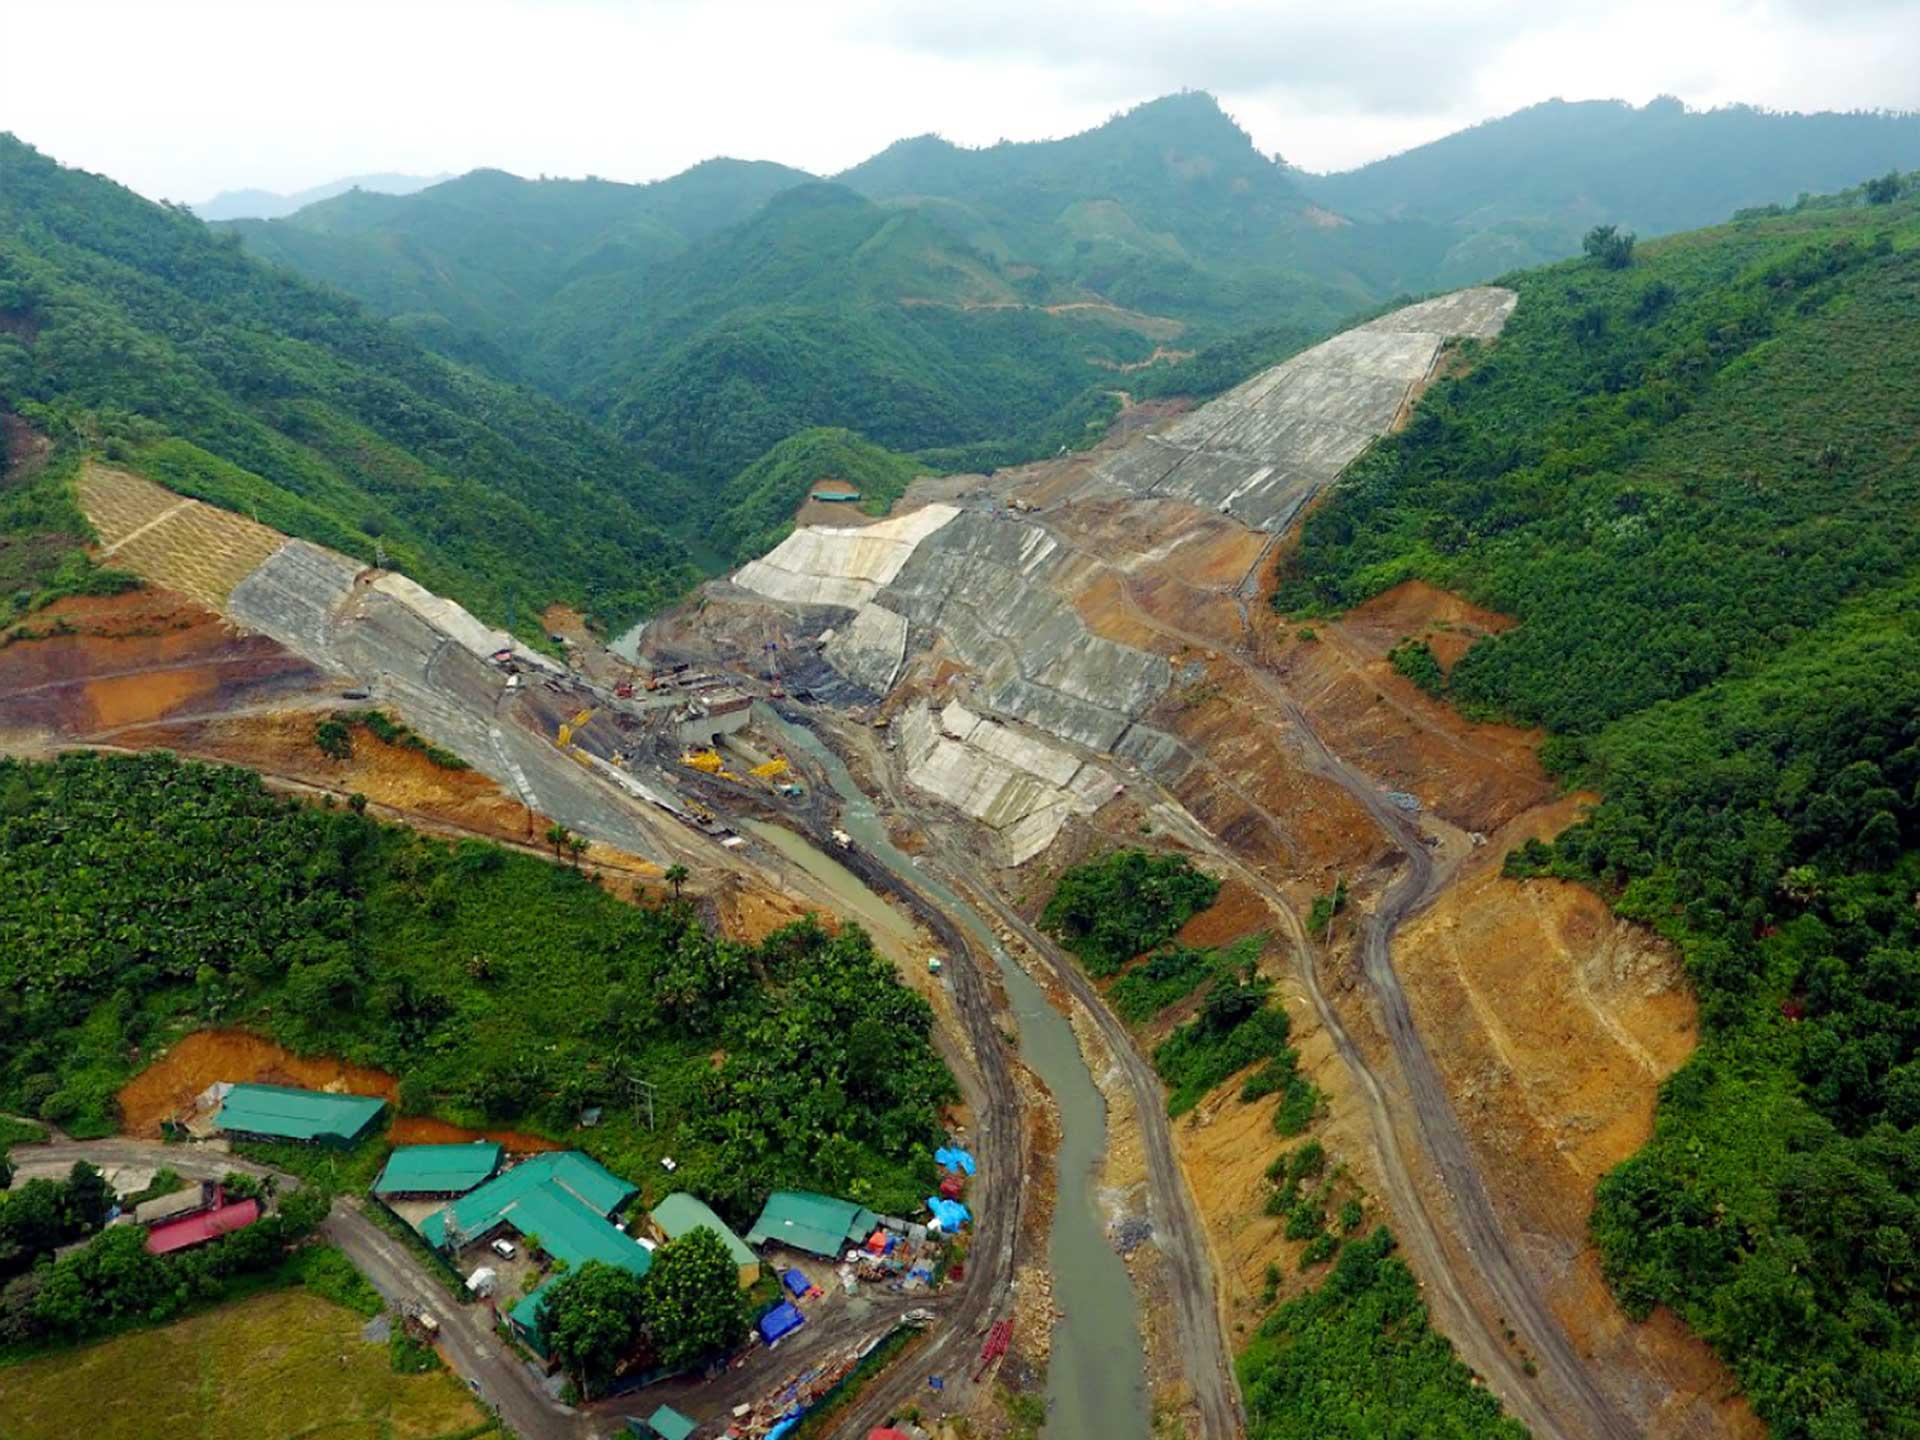 Cập nhật ảnh thi công Dự án hồ chứa nước Ngòi Giành, tỉnh Phú Thọ (11/11/2019)